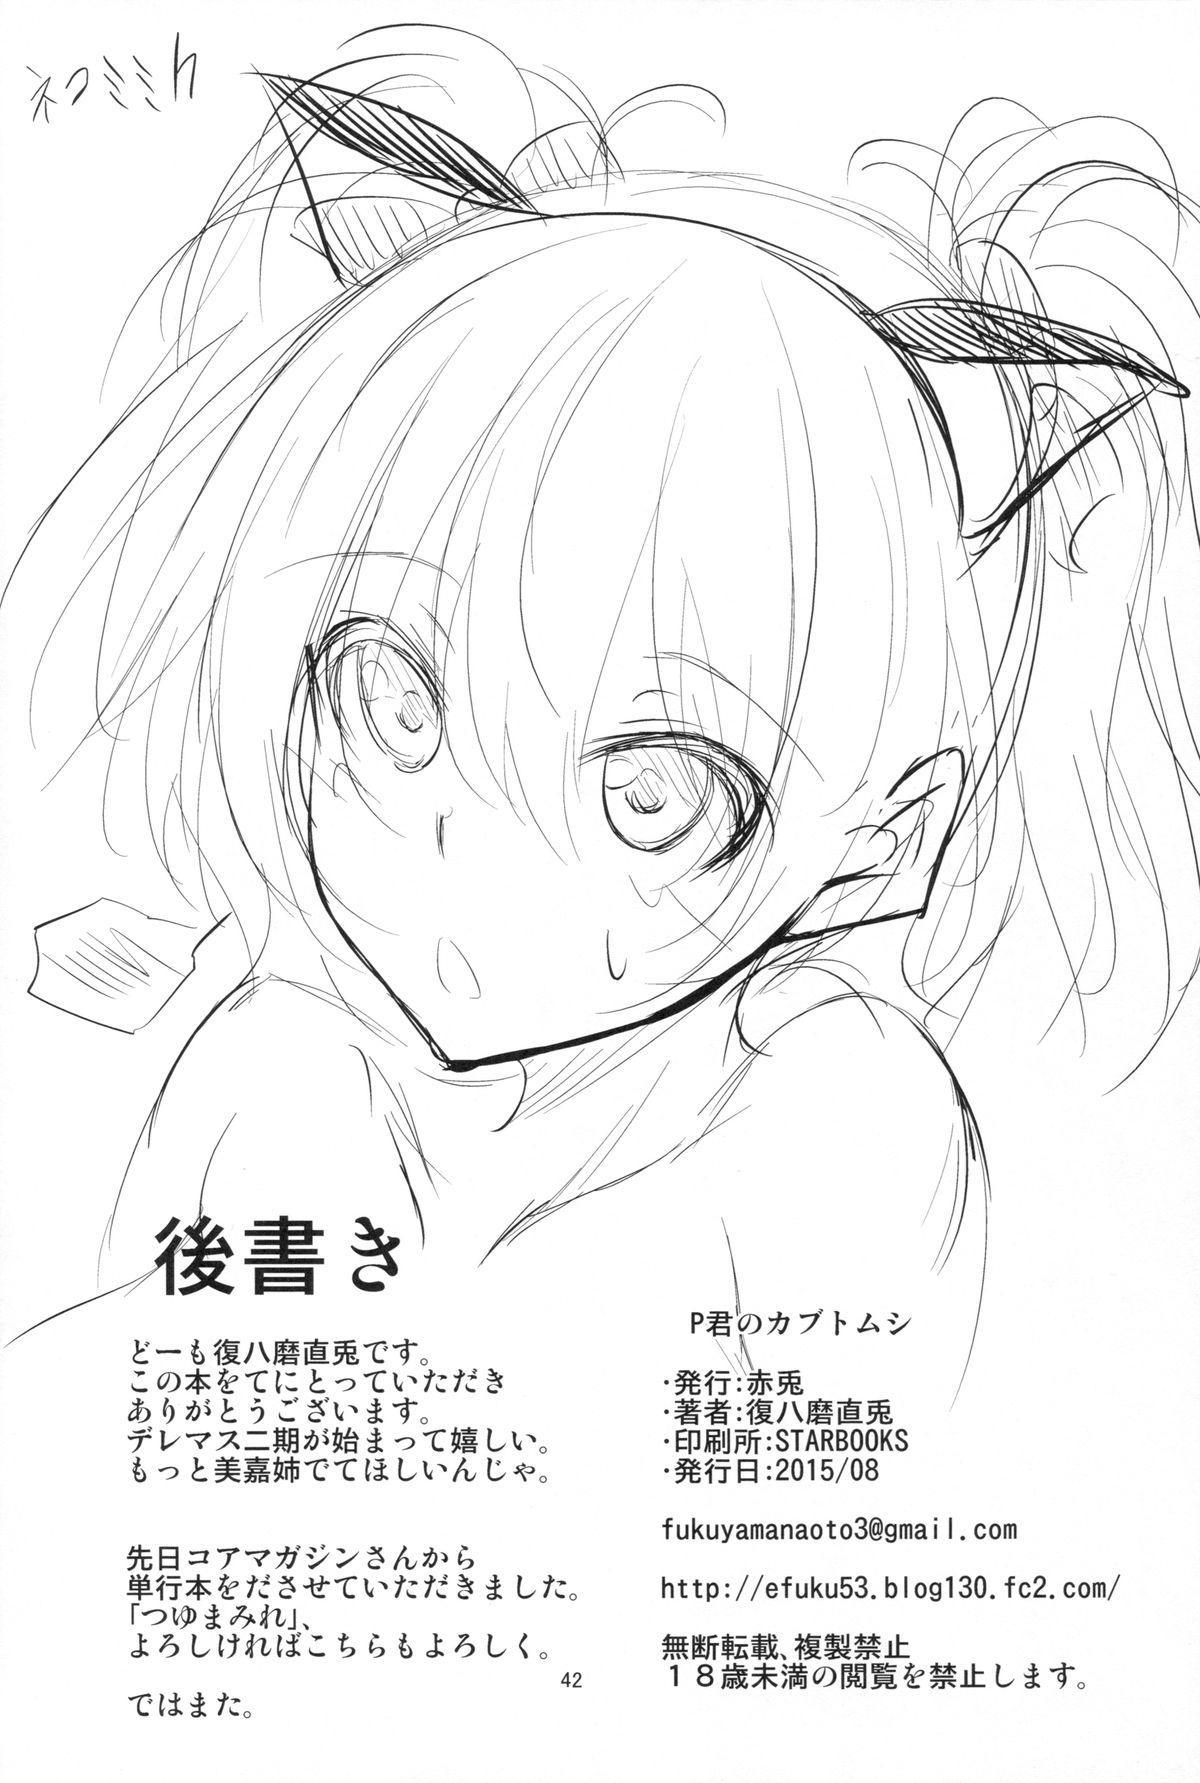 P-kun no Kabutomushi 42